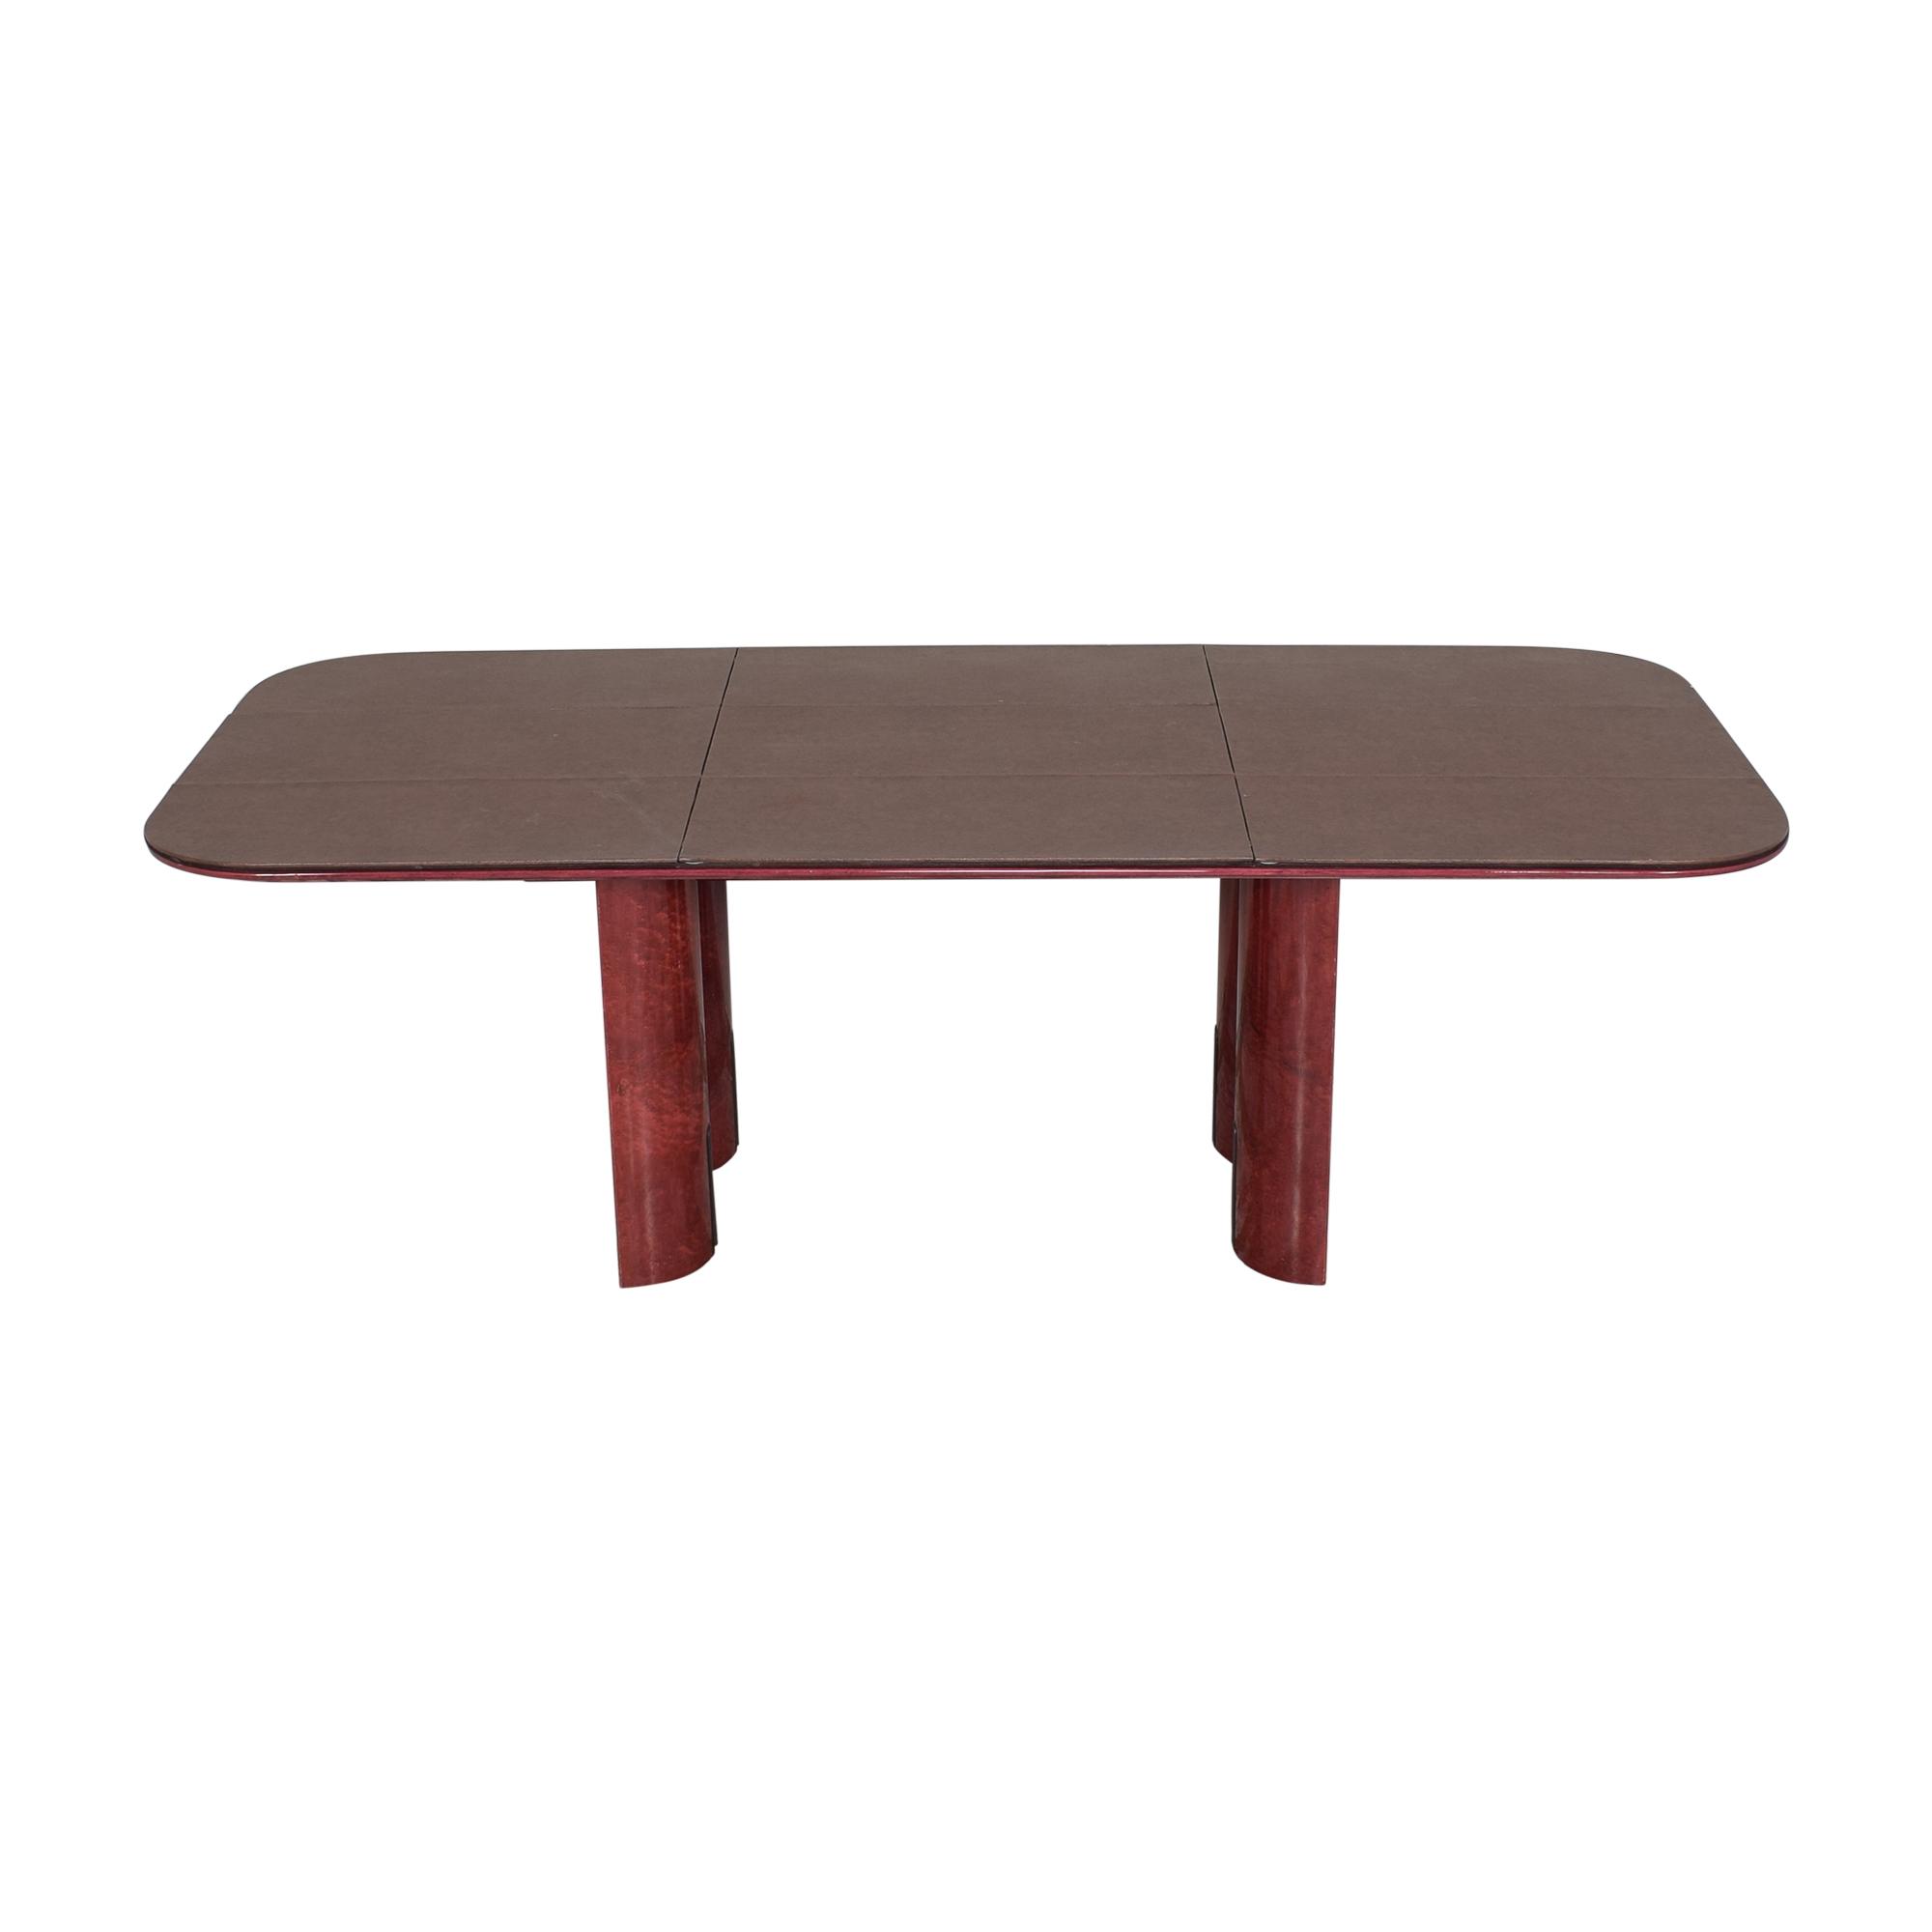 Saporiti Saporiti Dining Table